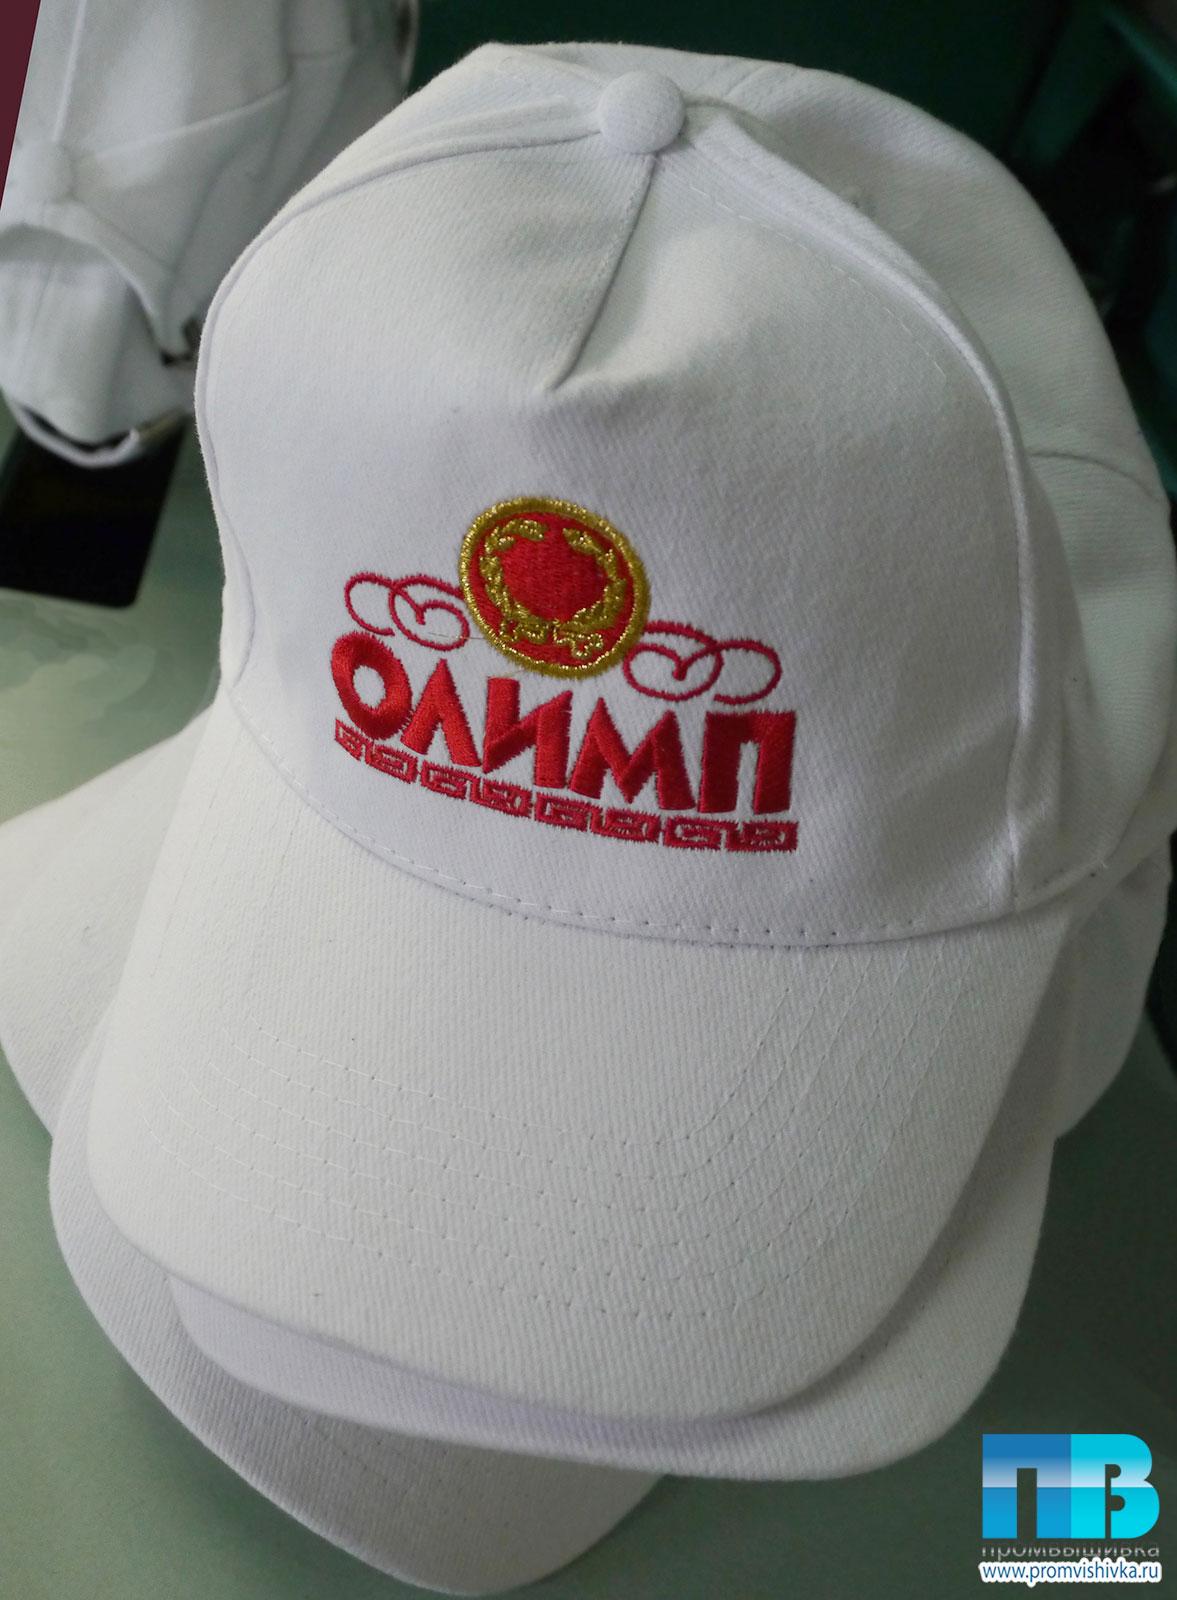 Вышивка логотипа на кепке 13